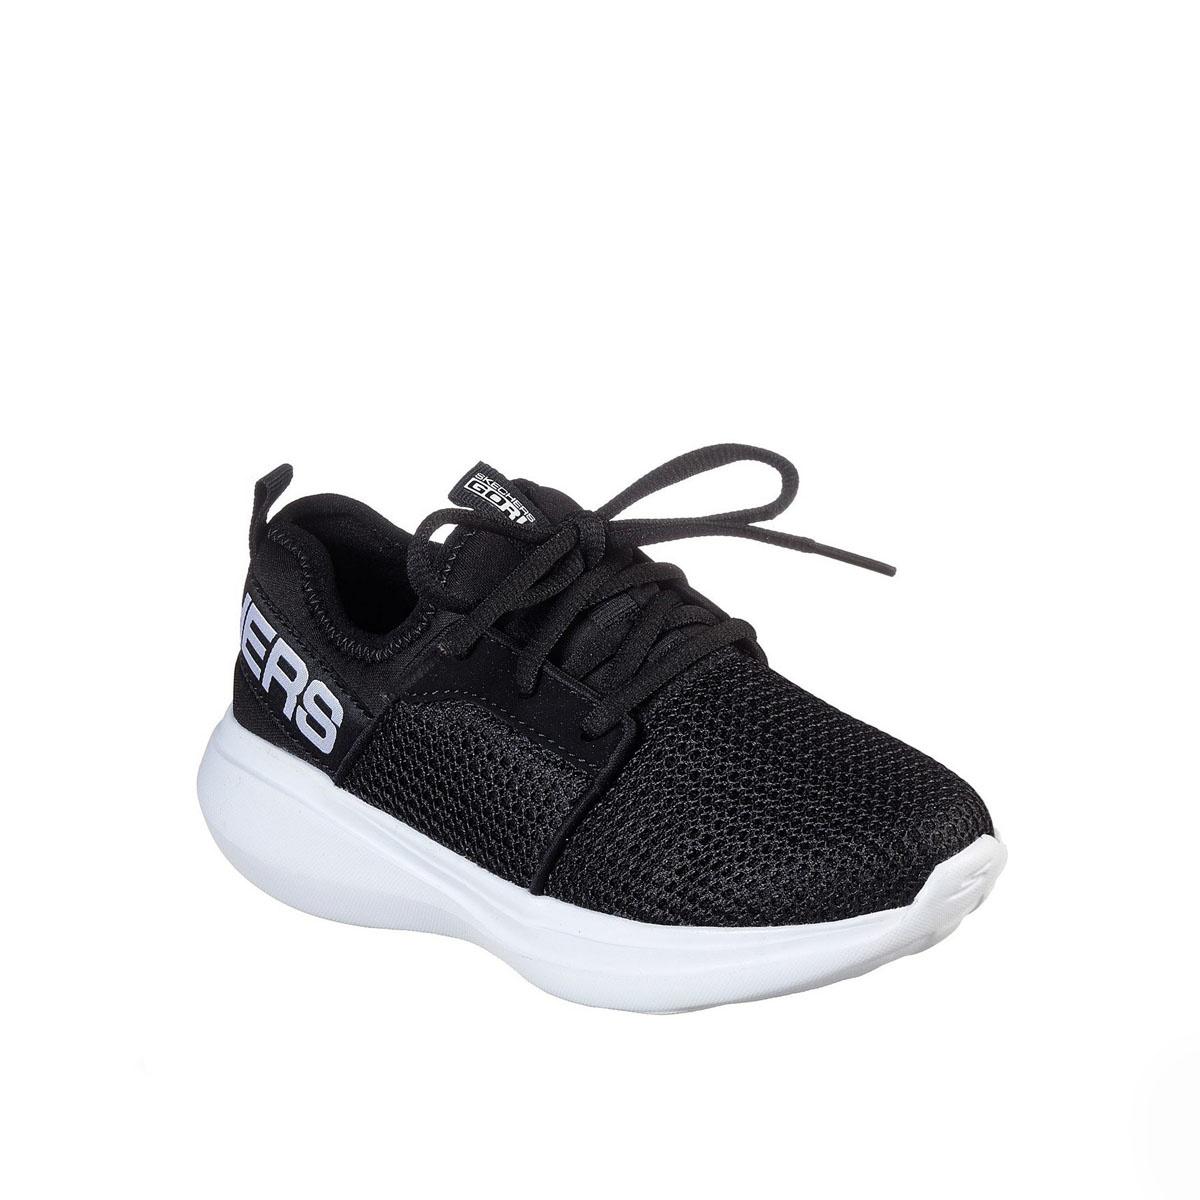 Skechers Valor Black White